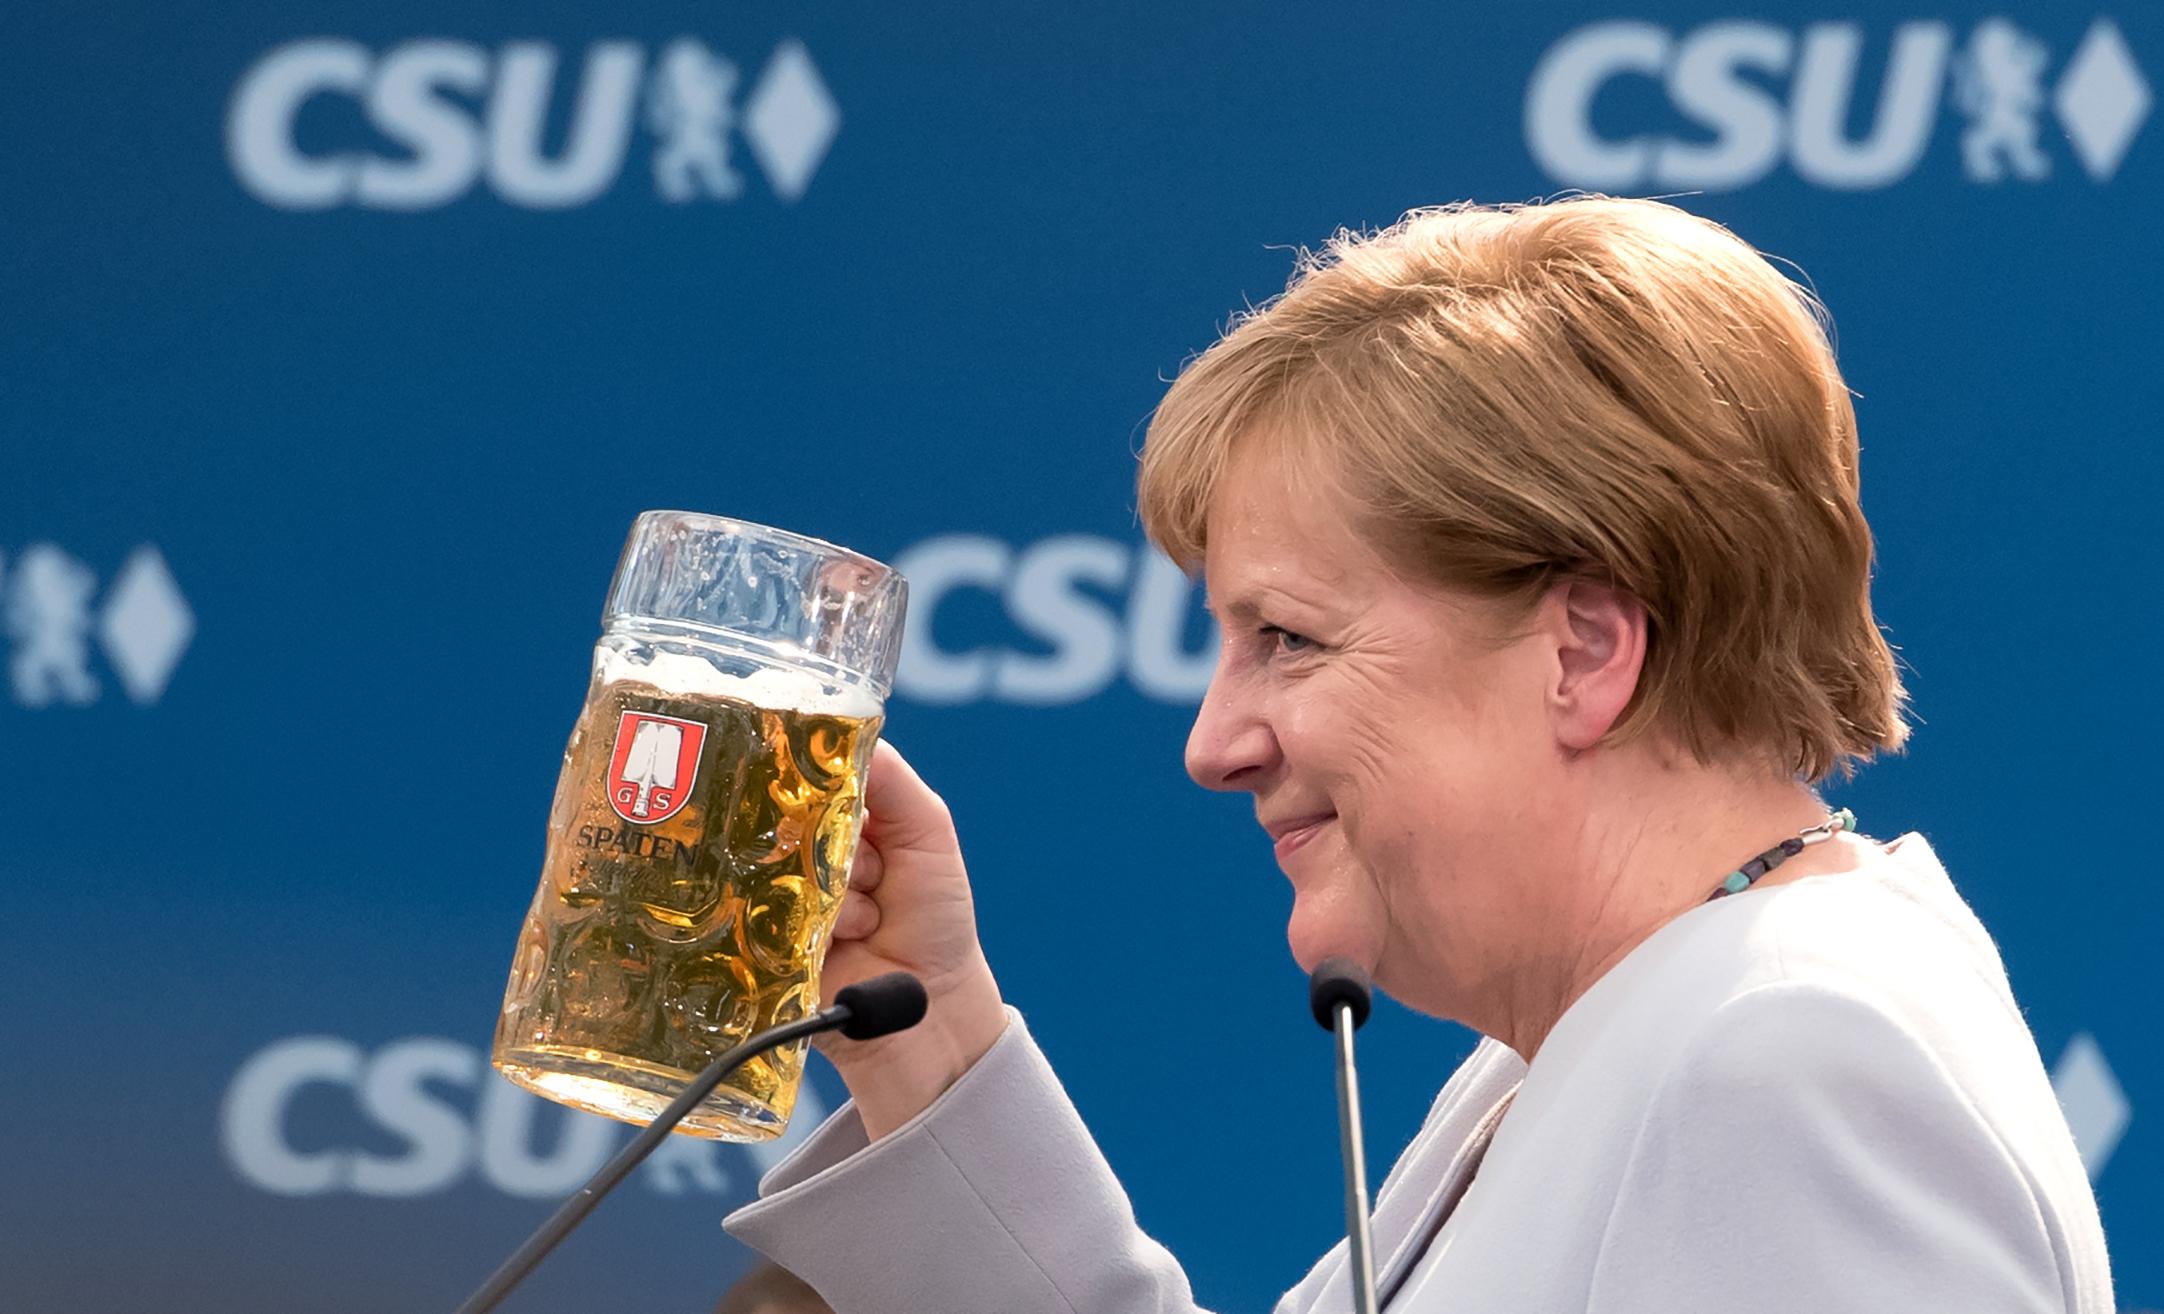 пол фото меркель с пивом русский язык